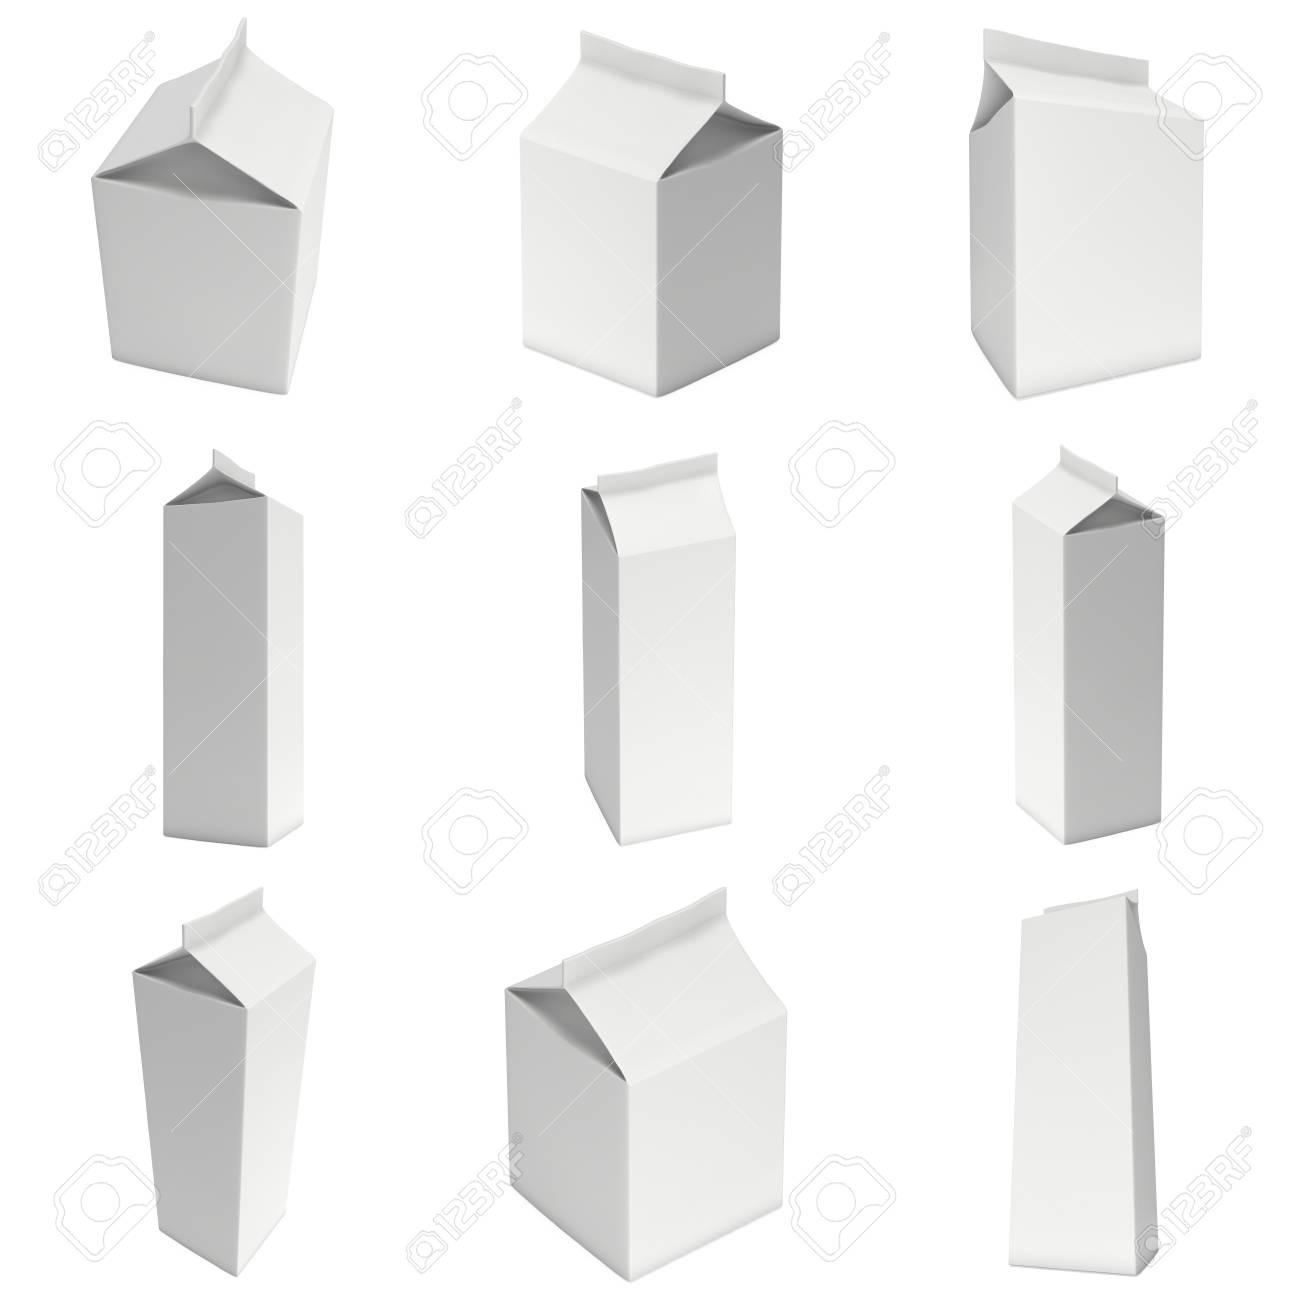 Cajas De Leche O Jugo Con Tapa Maqueta Del Paquete Al Por Menor 3d Hacer Ilustración Aislado En Blanco